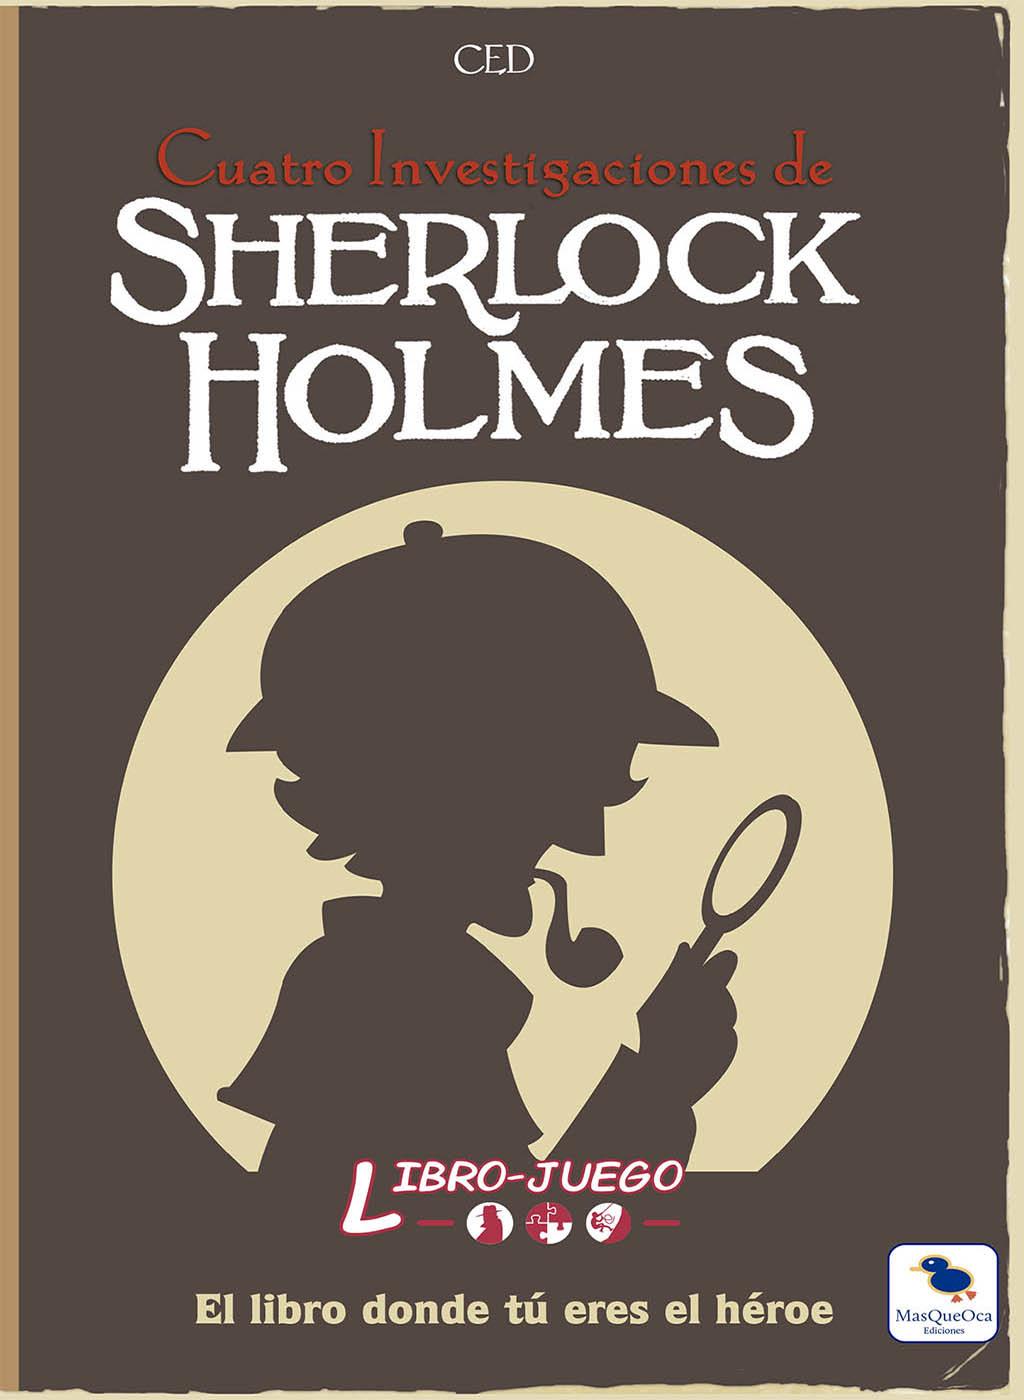 CUATRO INVESTIGACIONES DE SHERLOCK HOLMES